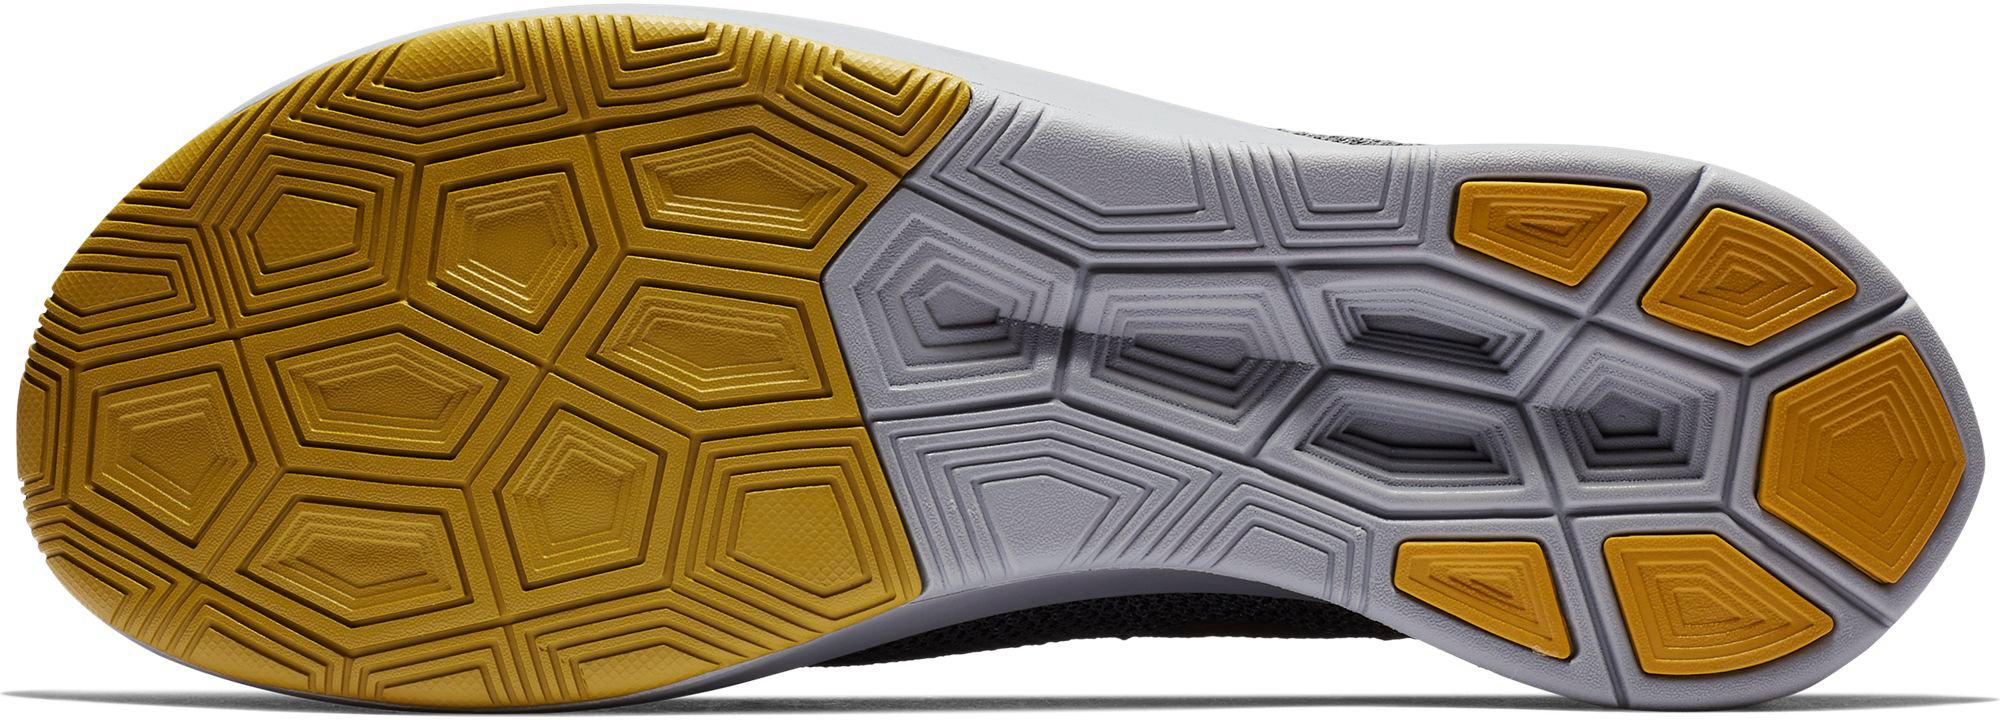 Nike Zoom Fly Laufschuhe Herren dk-grau-metallic-pewter-schwarz-atmosphere-grau im Online Shop von von von SportScheck kaufen Gute Qualität beliebte Schuhe dcbf6d